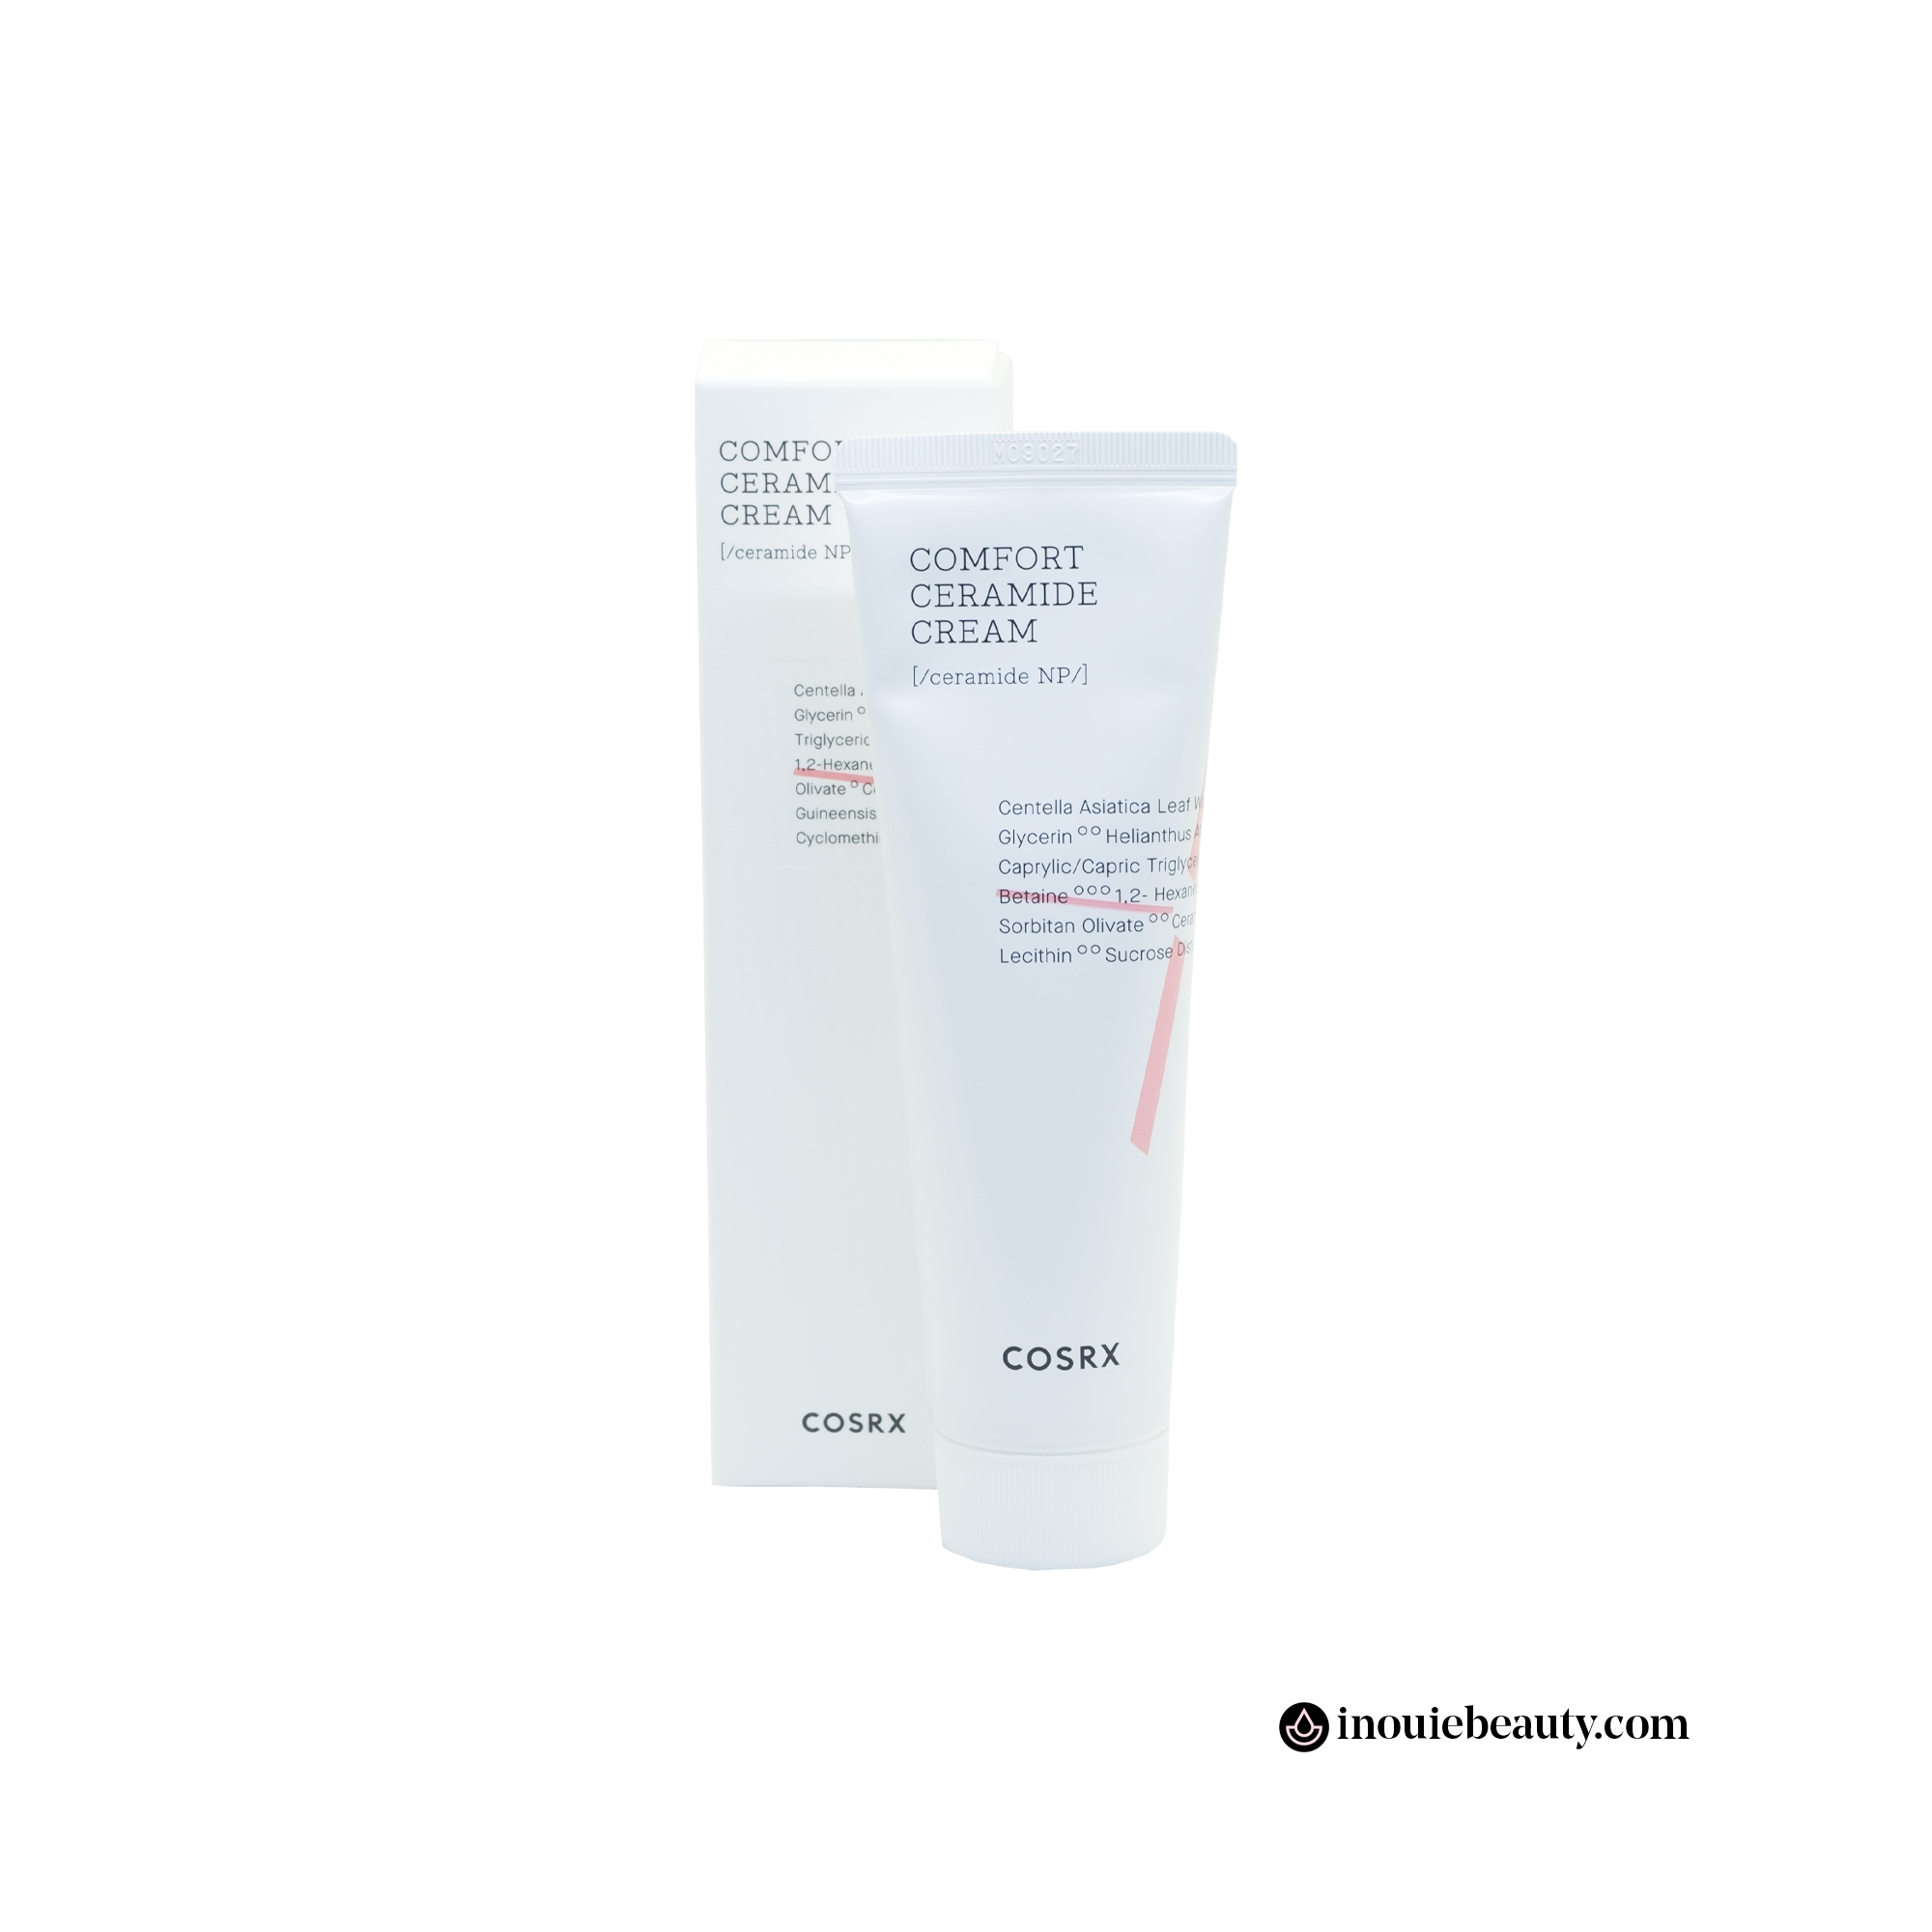 Cosrx Balancium Comfort Ceramide Cream